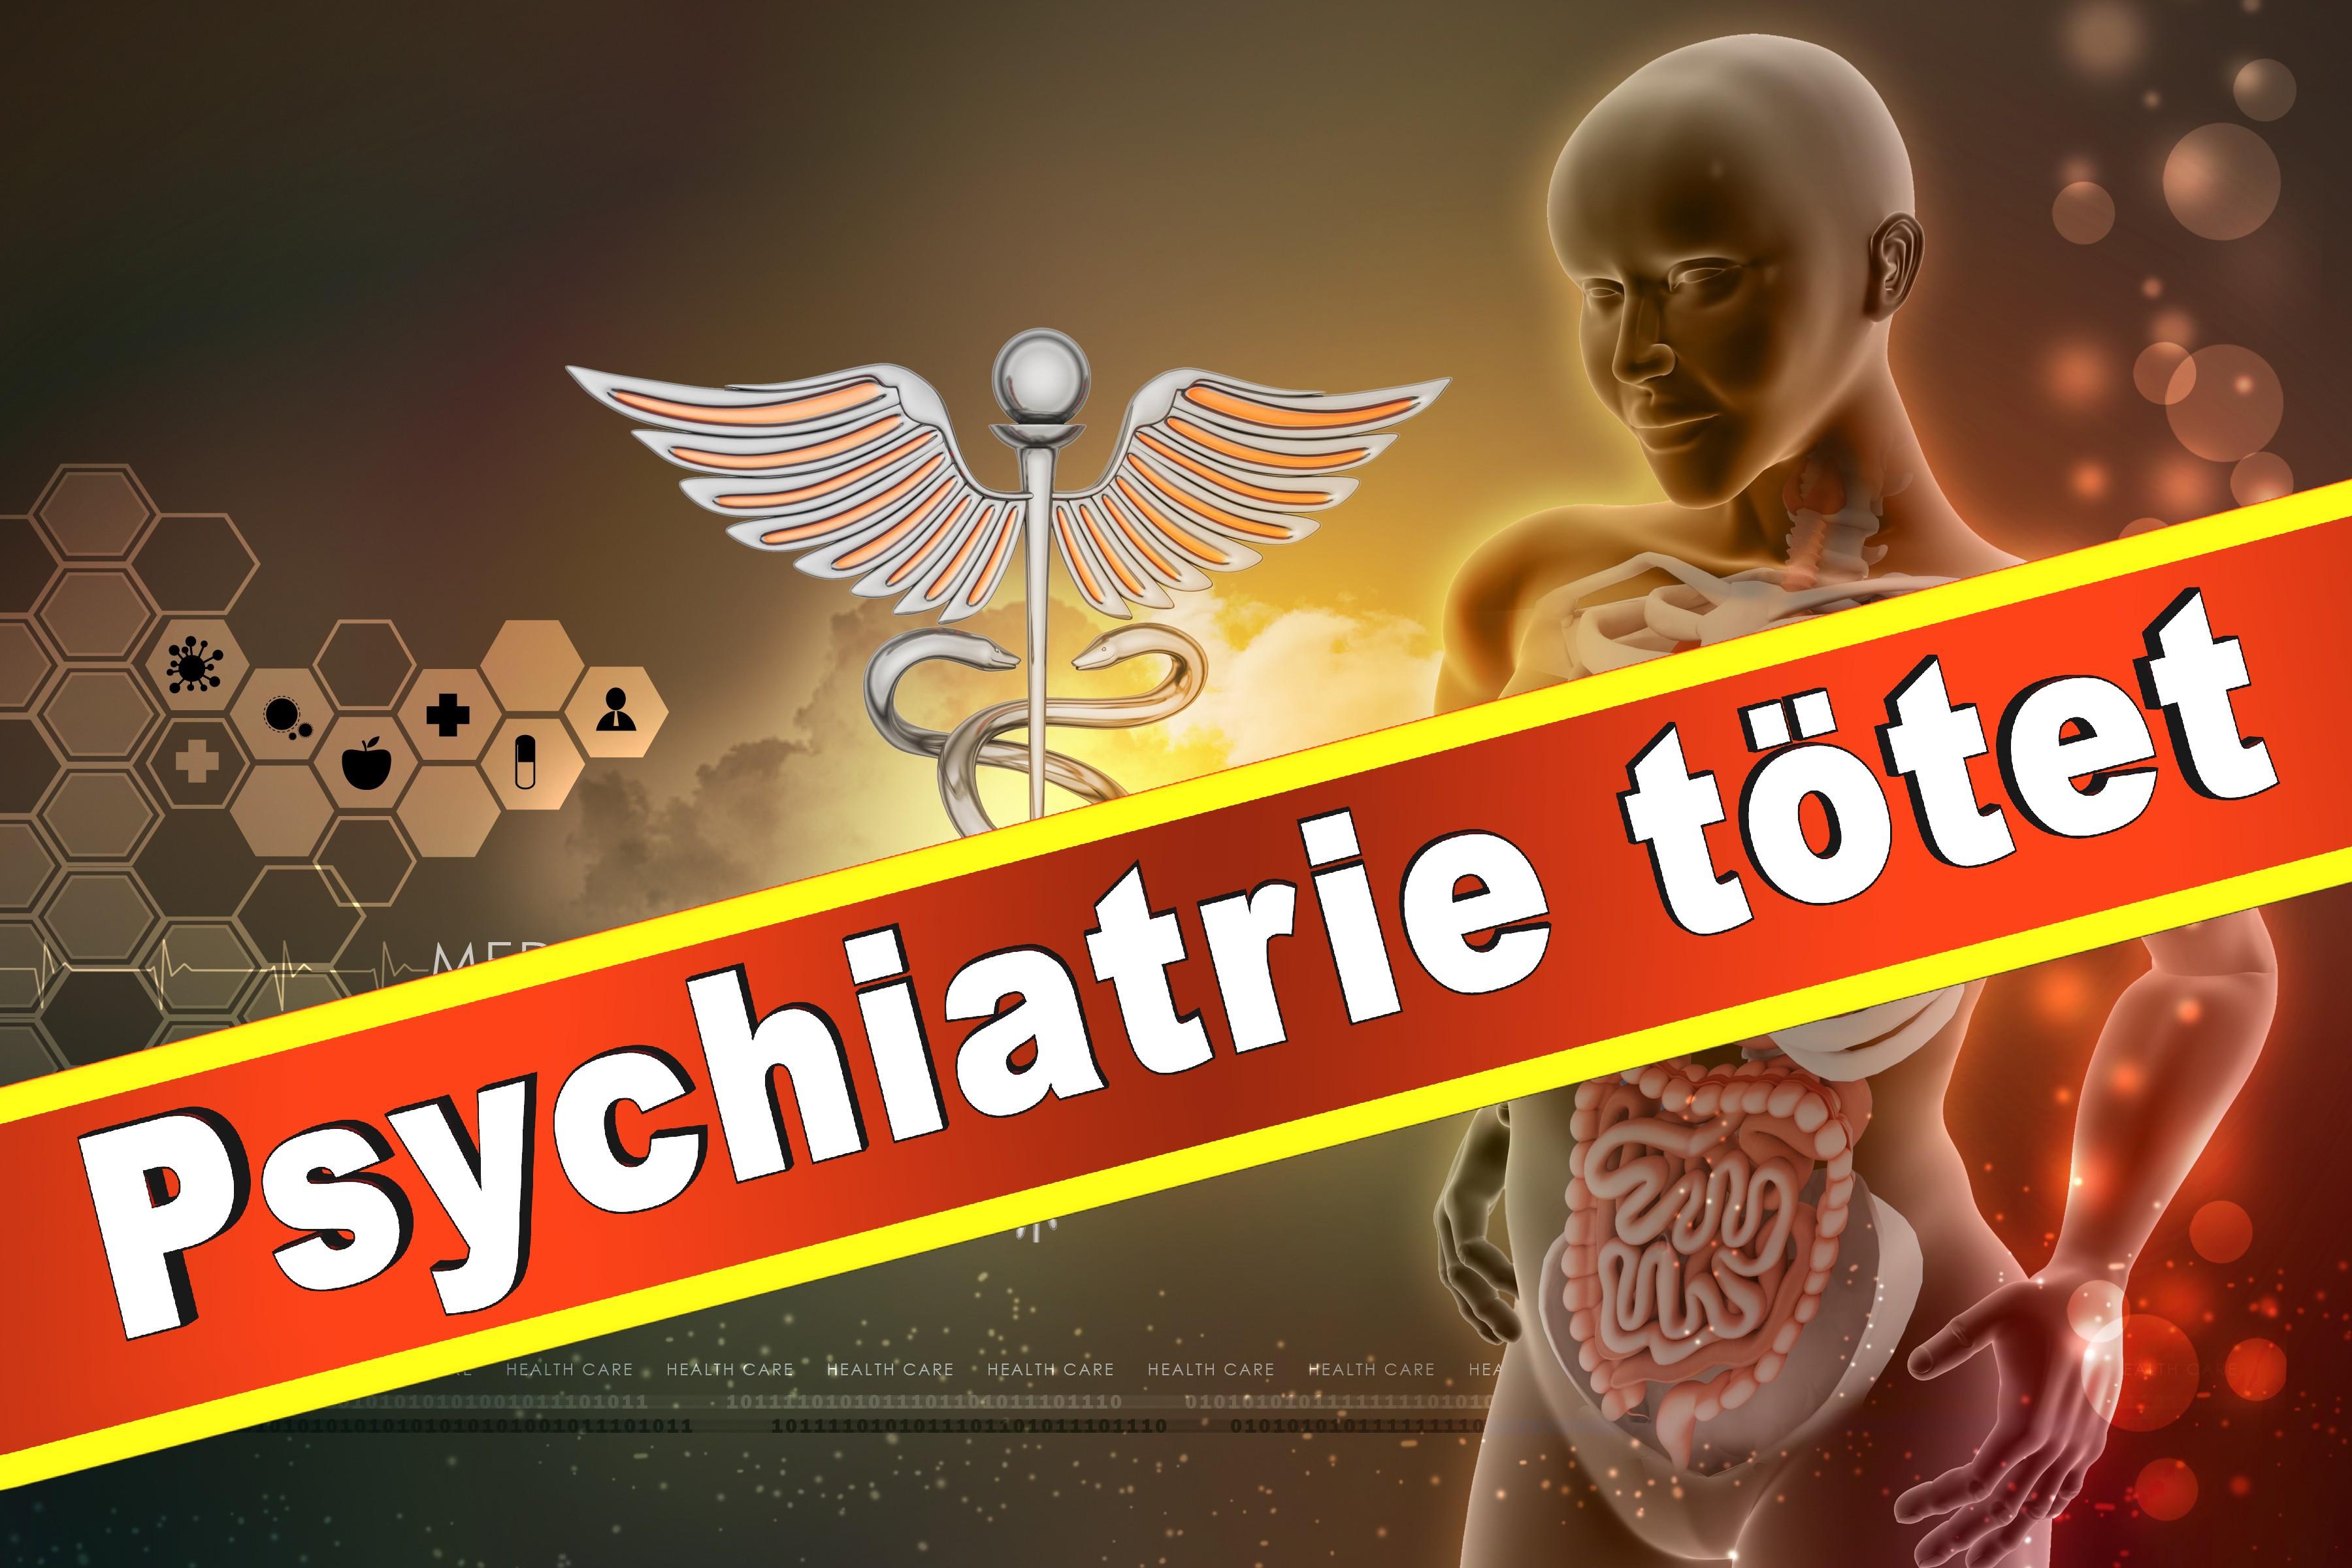 Wielant Machleidt Psychiater Psychotherapeut Professor Praxis Der Interkulturellen Psychiatrie Und Psychotherapie Medizinische Hochschule Hannover Klinik Für Psychiatrie Sozialpsychiatrie (13)